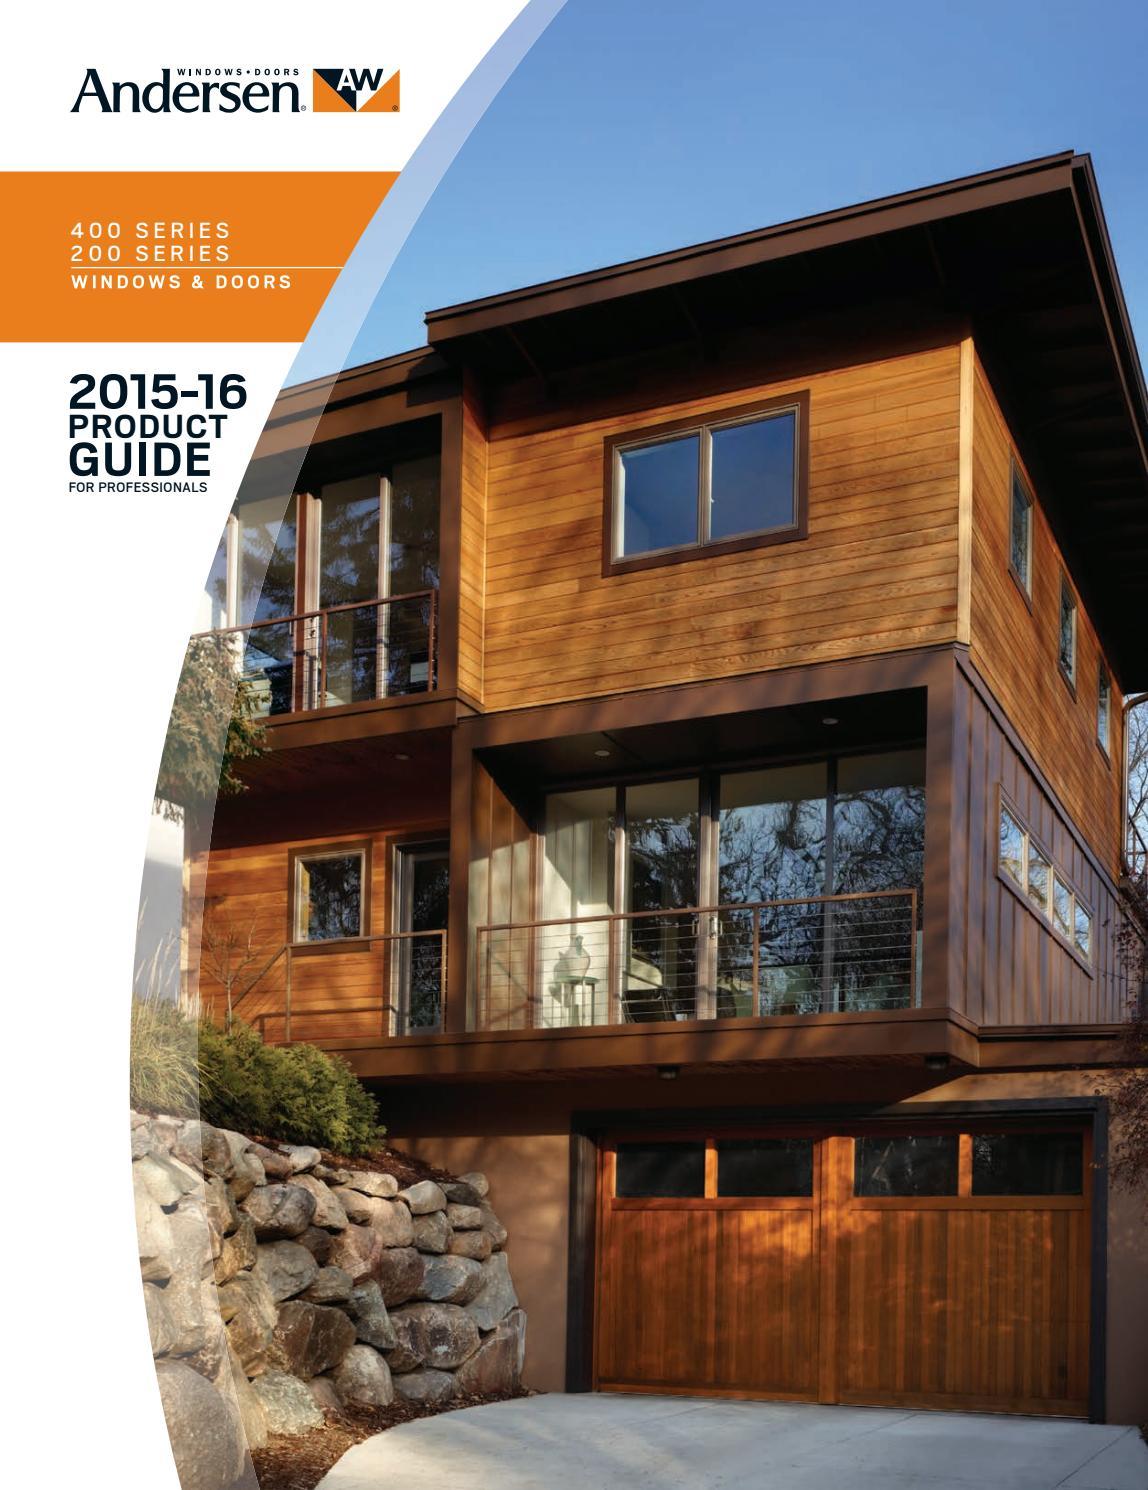 Andersen 200 400 series window door product guide by for Andersen 400 series casement windows reviews